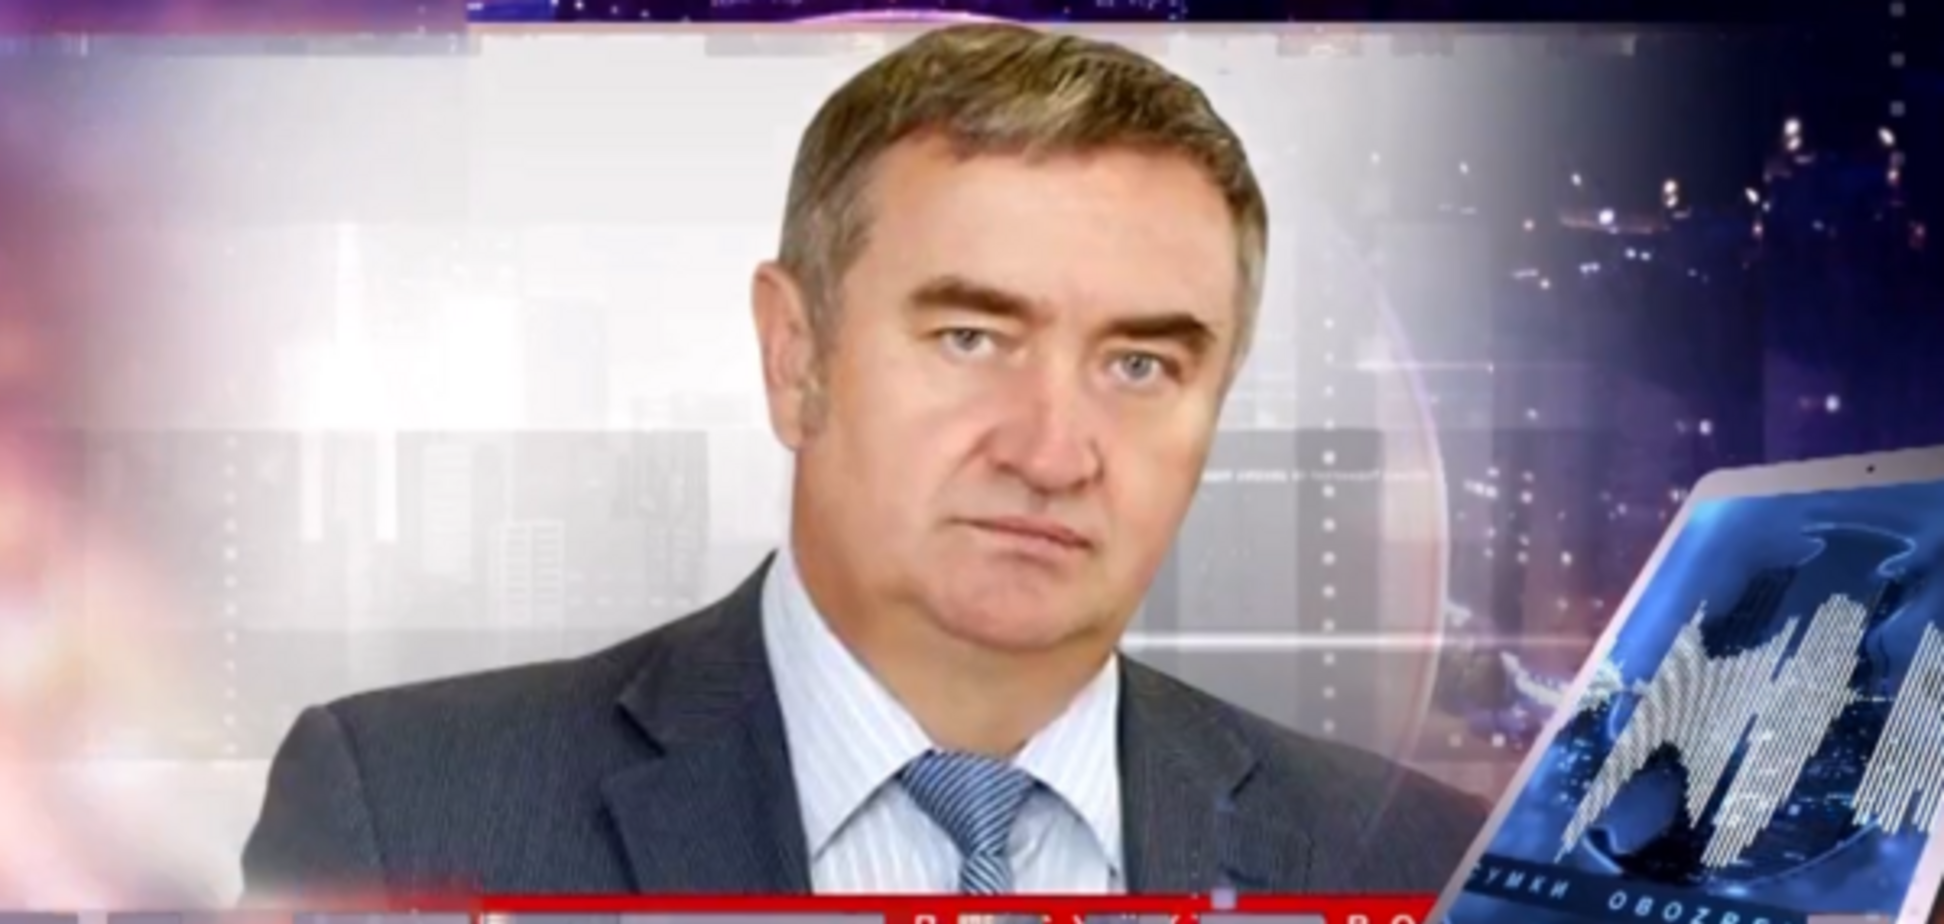 Сокращение дефицита пенсионного фонда – чиновник объяснил, за счет чего увеличили пенсии